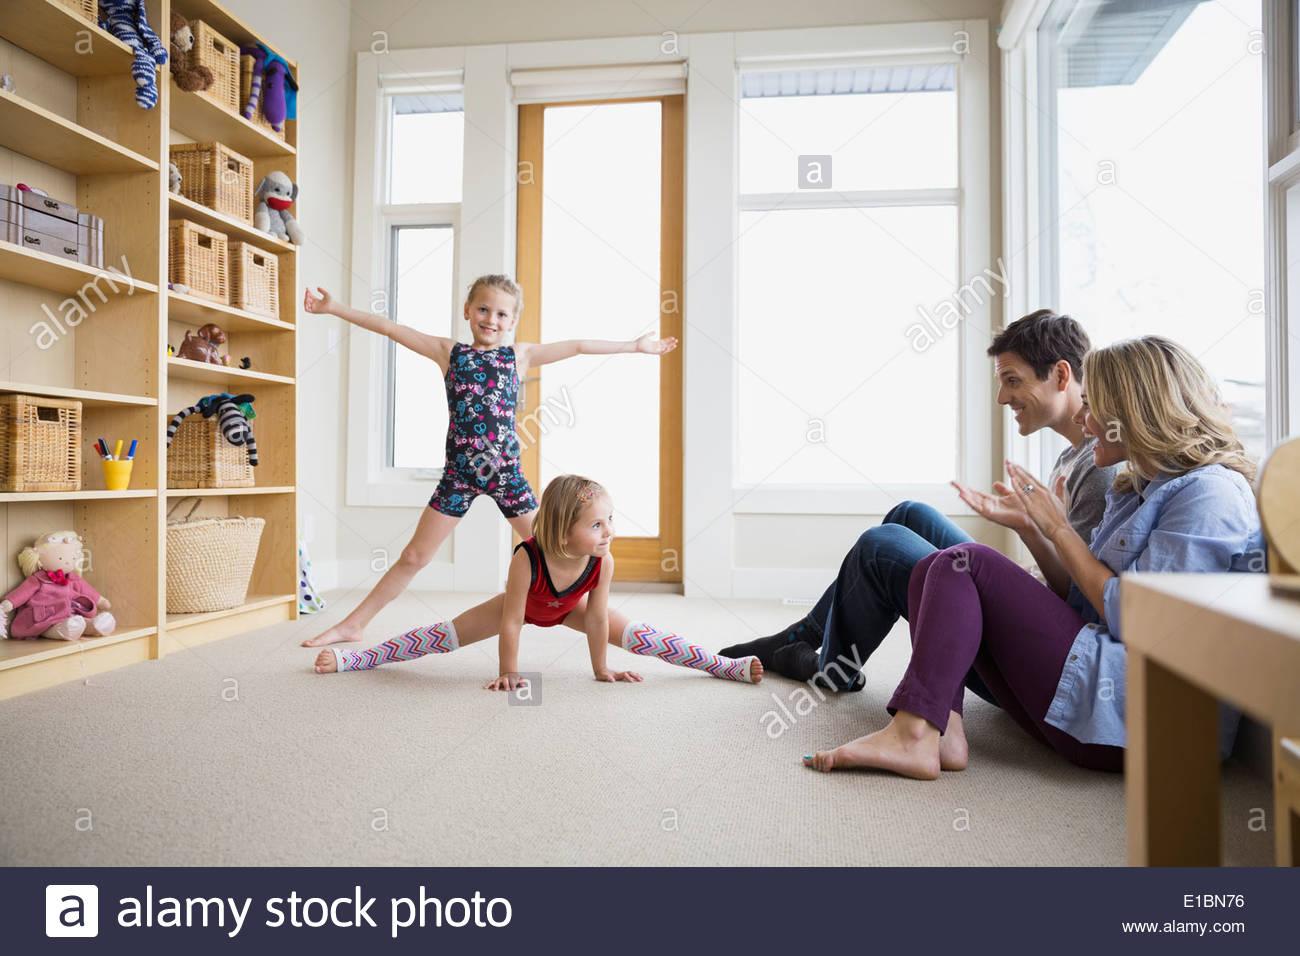 Eltern beobachten Töchter tanzen im Wohnzimmer Stockbild